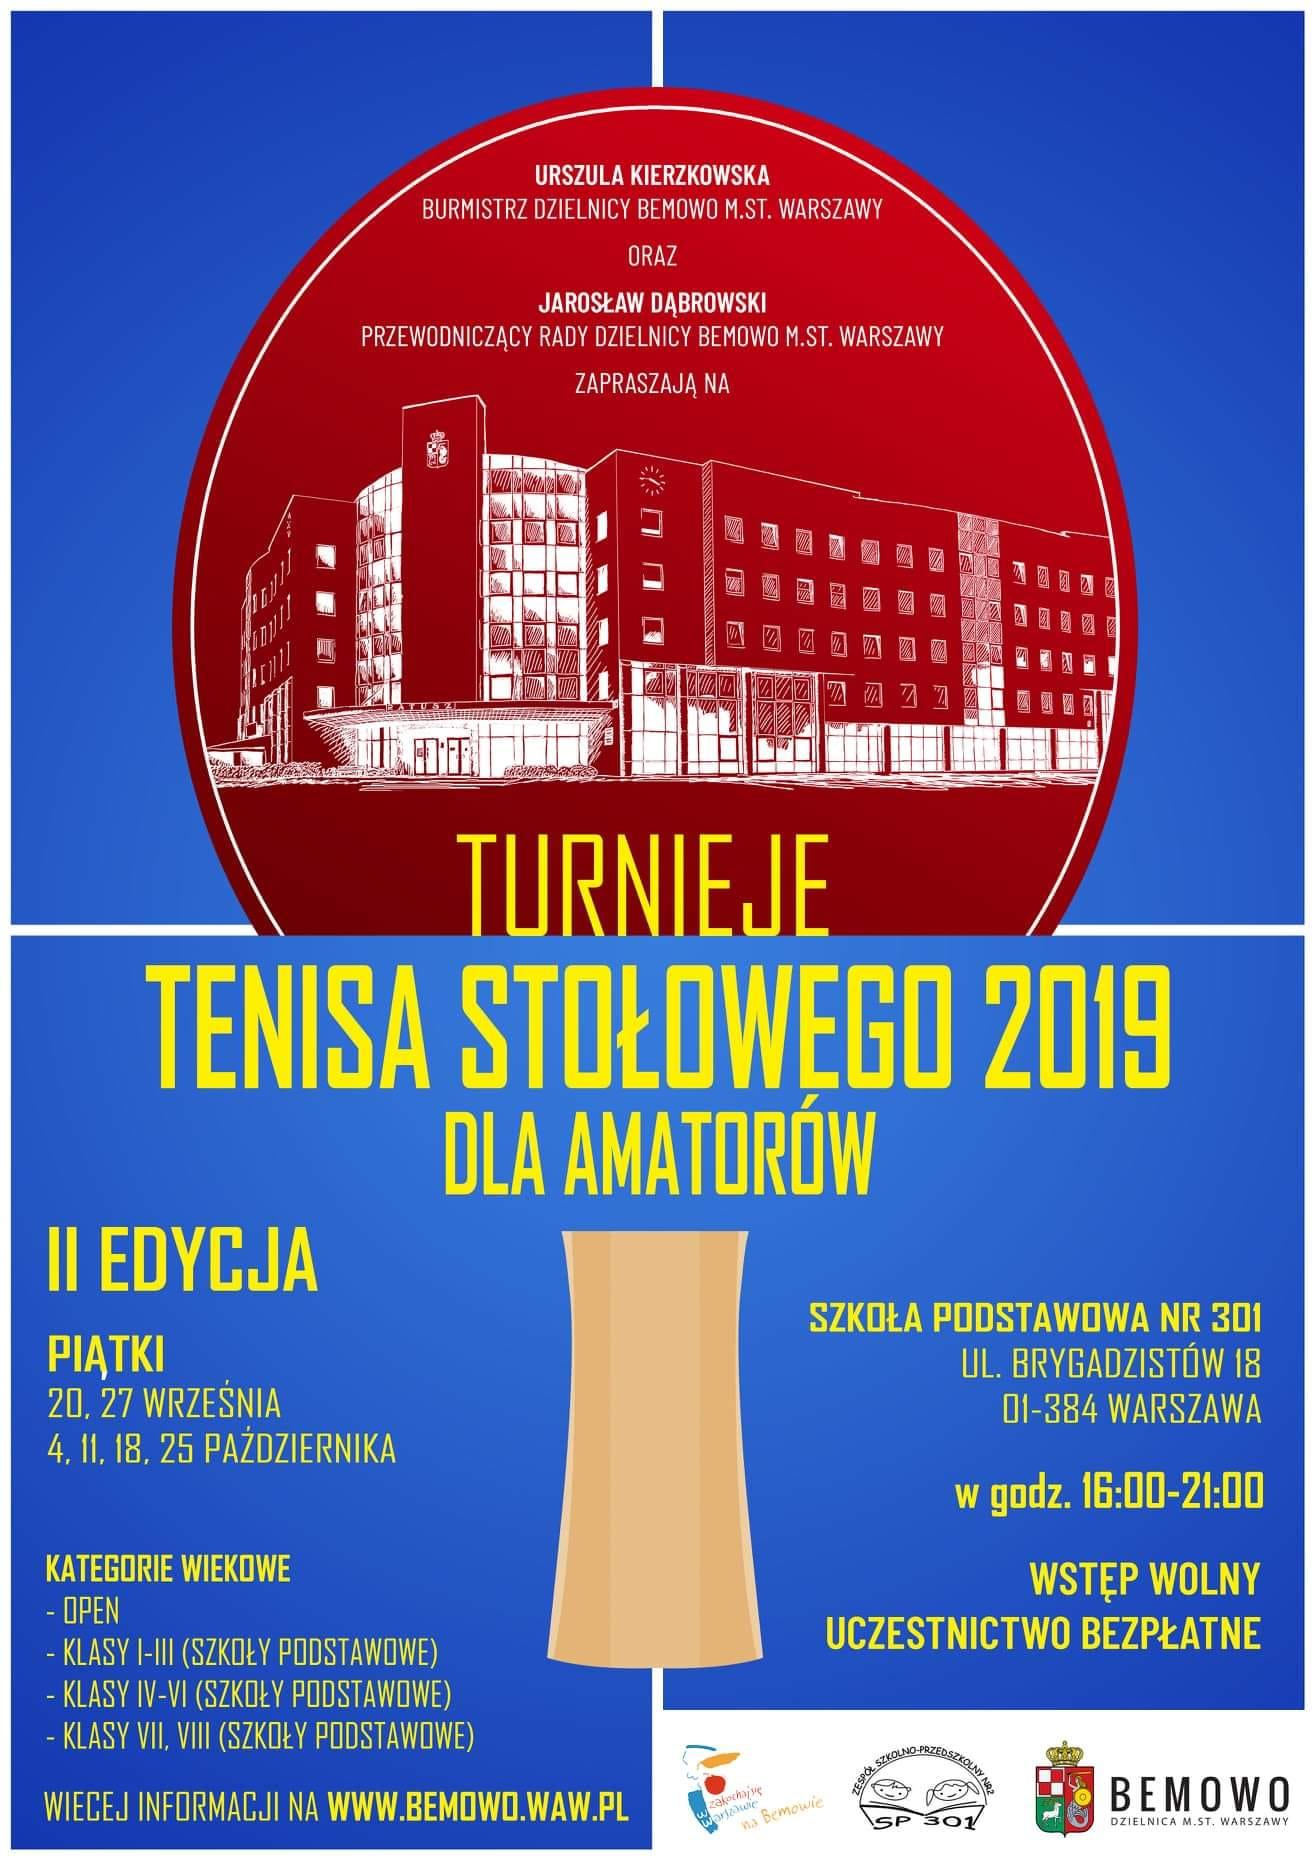 Plakat turnieju Turnieje tenisa stołowego Bemowo - Brygadzistów (8 listopada 2019) - II EDYCJA